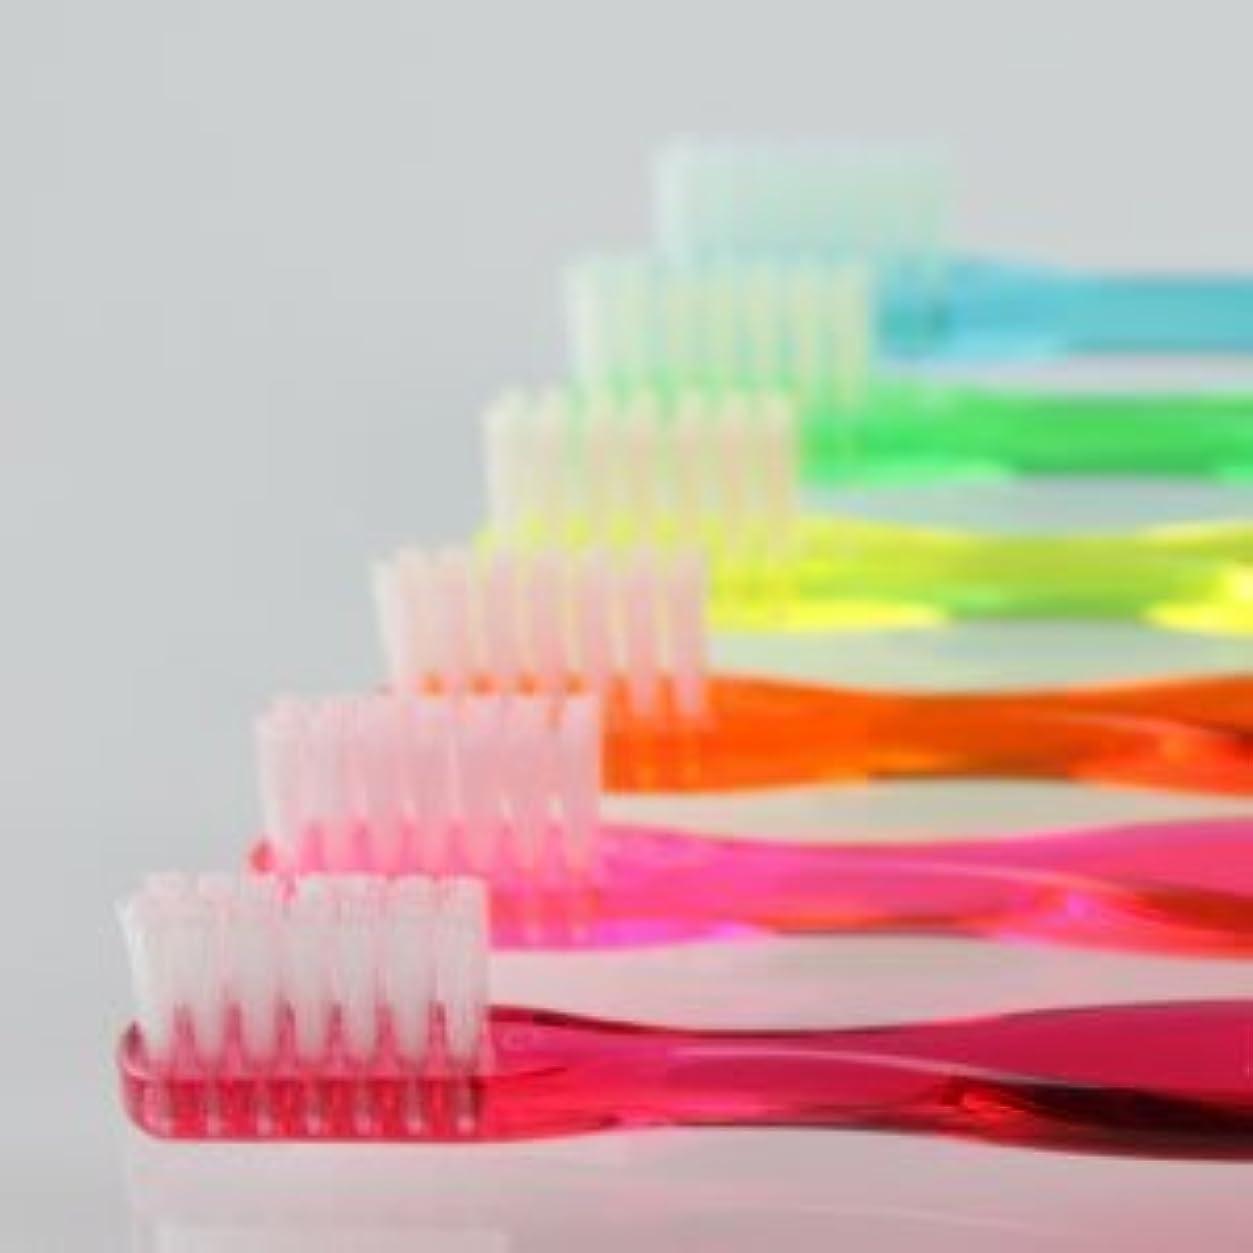 好意的小さなベルサムフレンド 歯ブラシ #20(ミニ) 6本 ※お色は当店お任せです